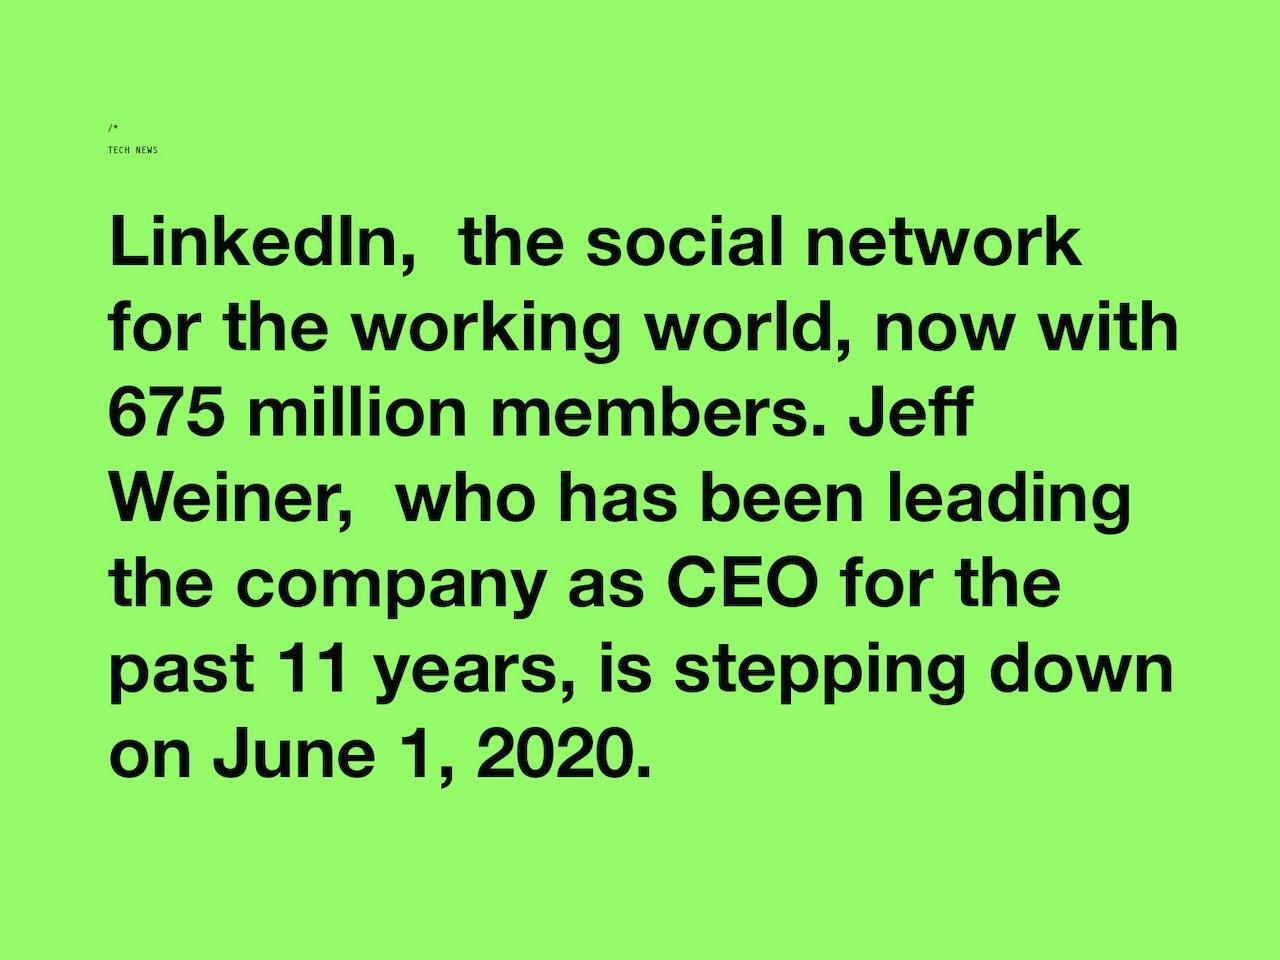 MOCK UP - LinkedIn Jeff Weiner SLIDE